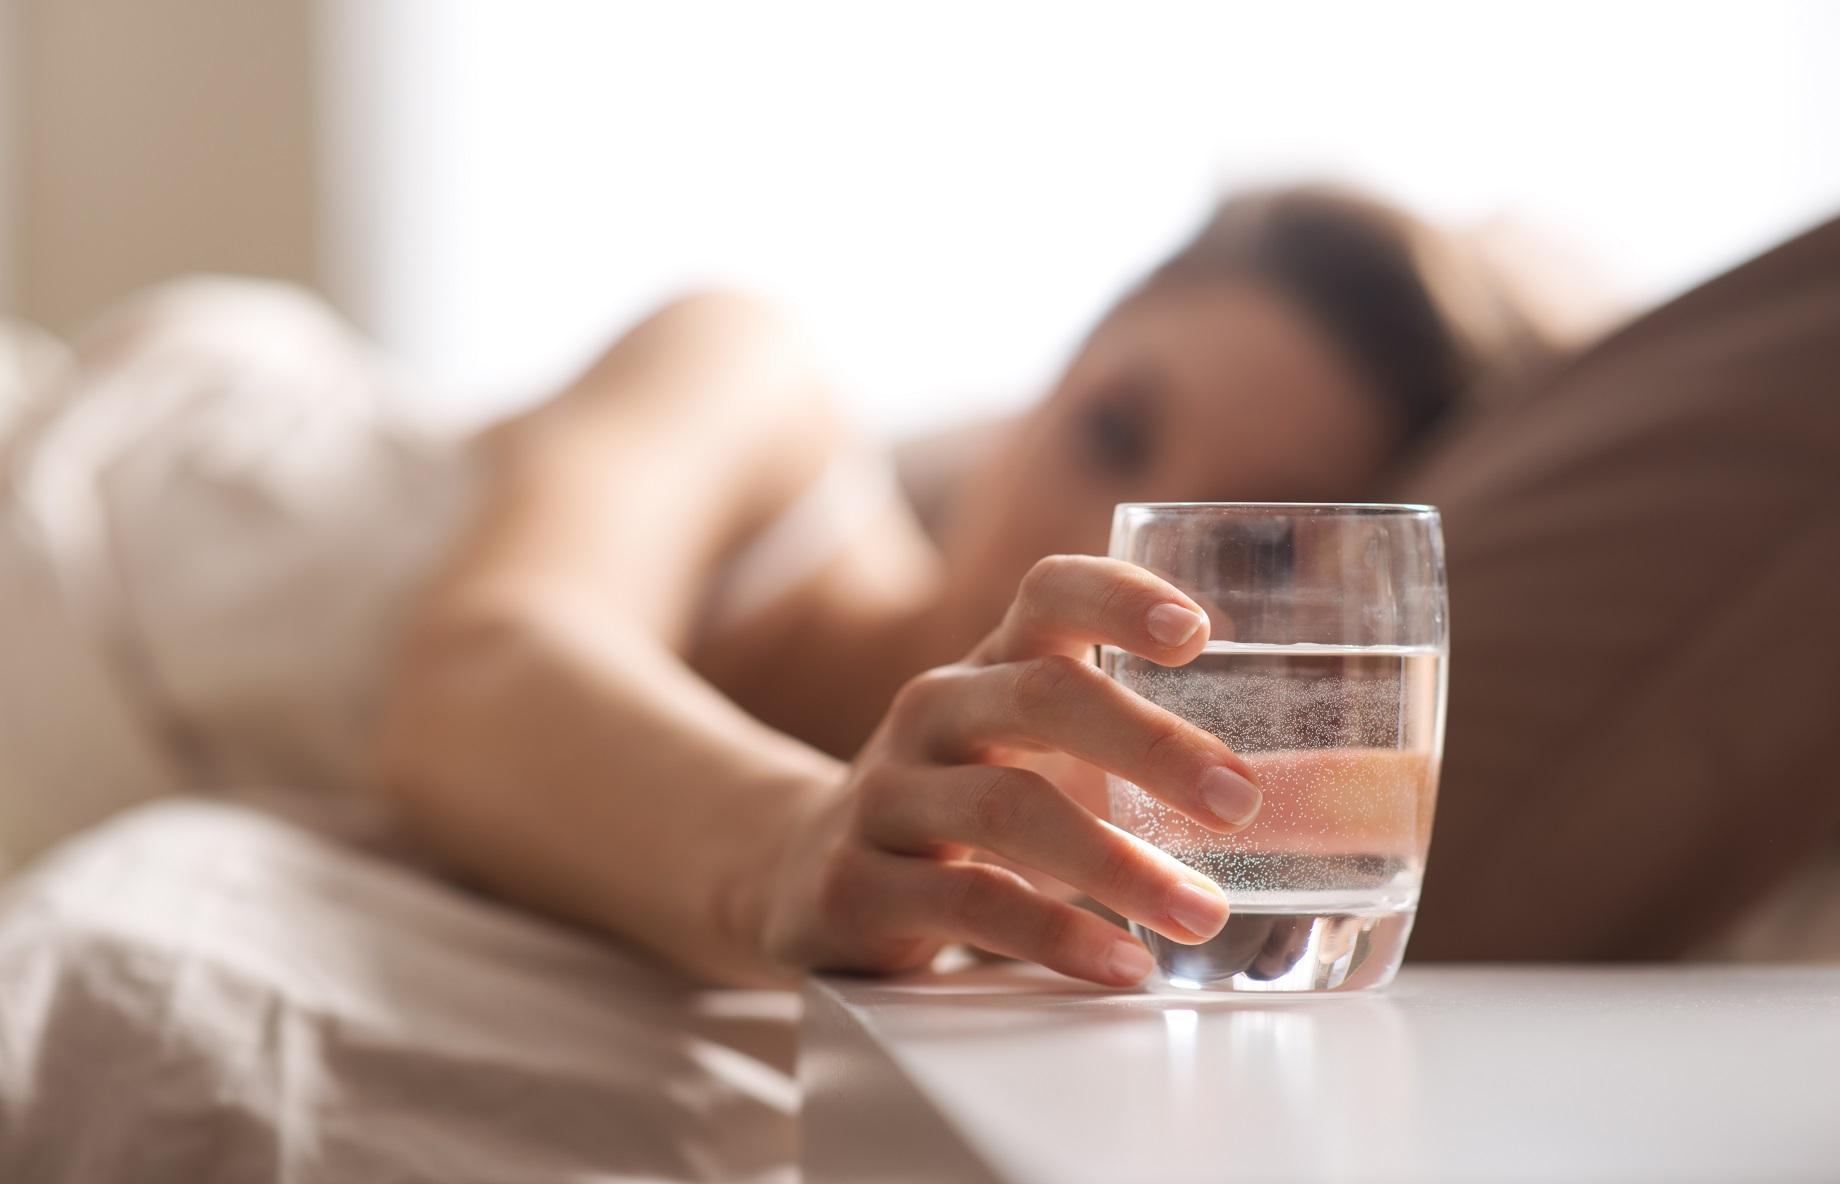 Что будет если каждое утро пить соду натощак